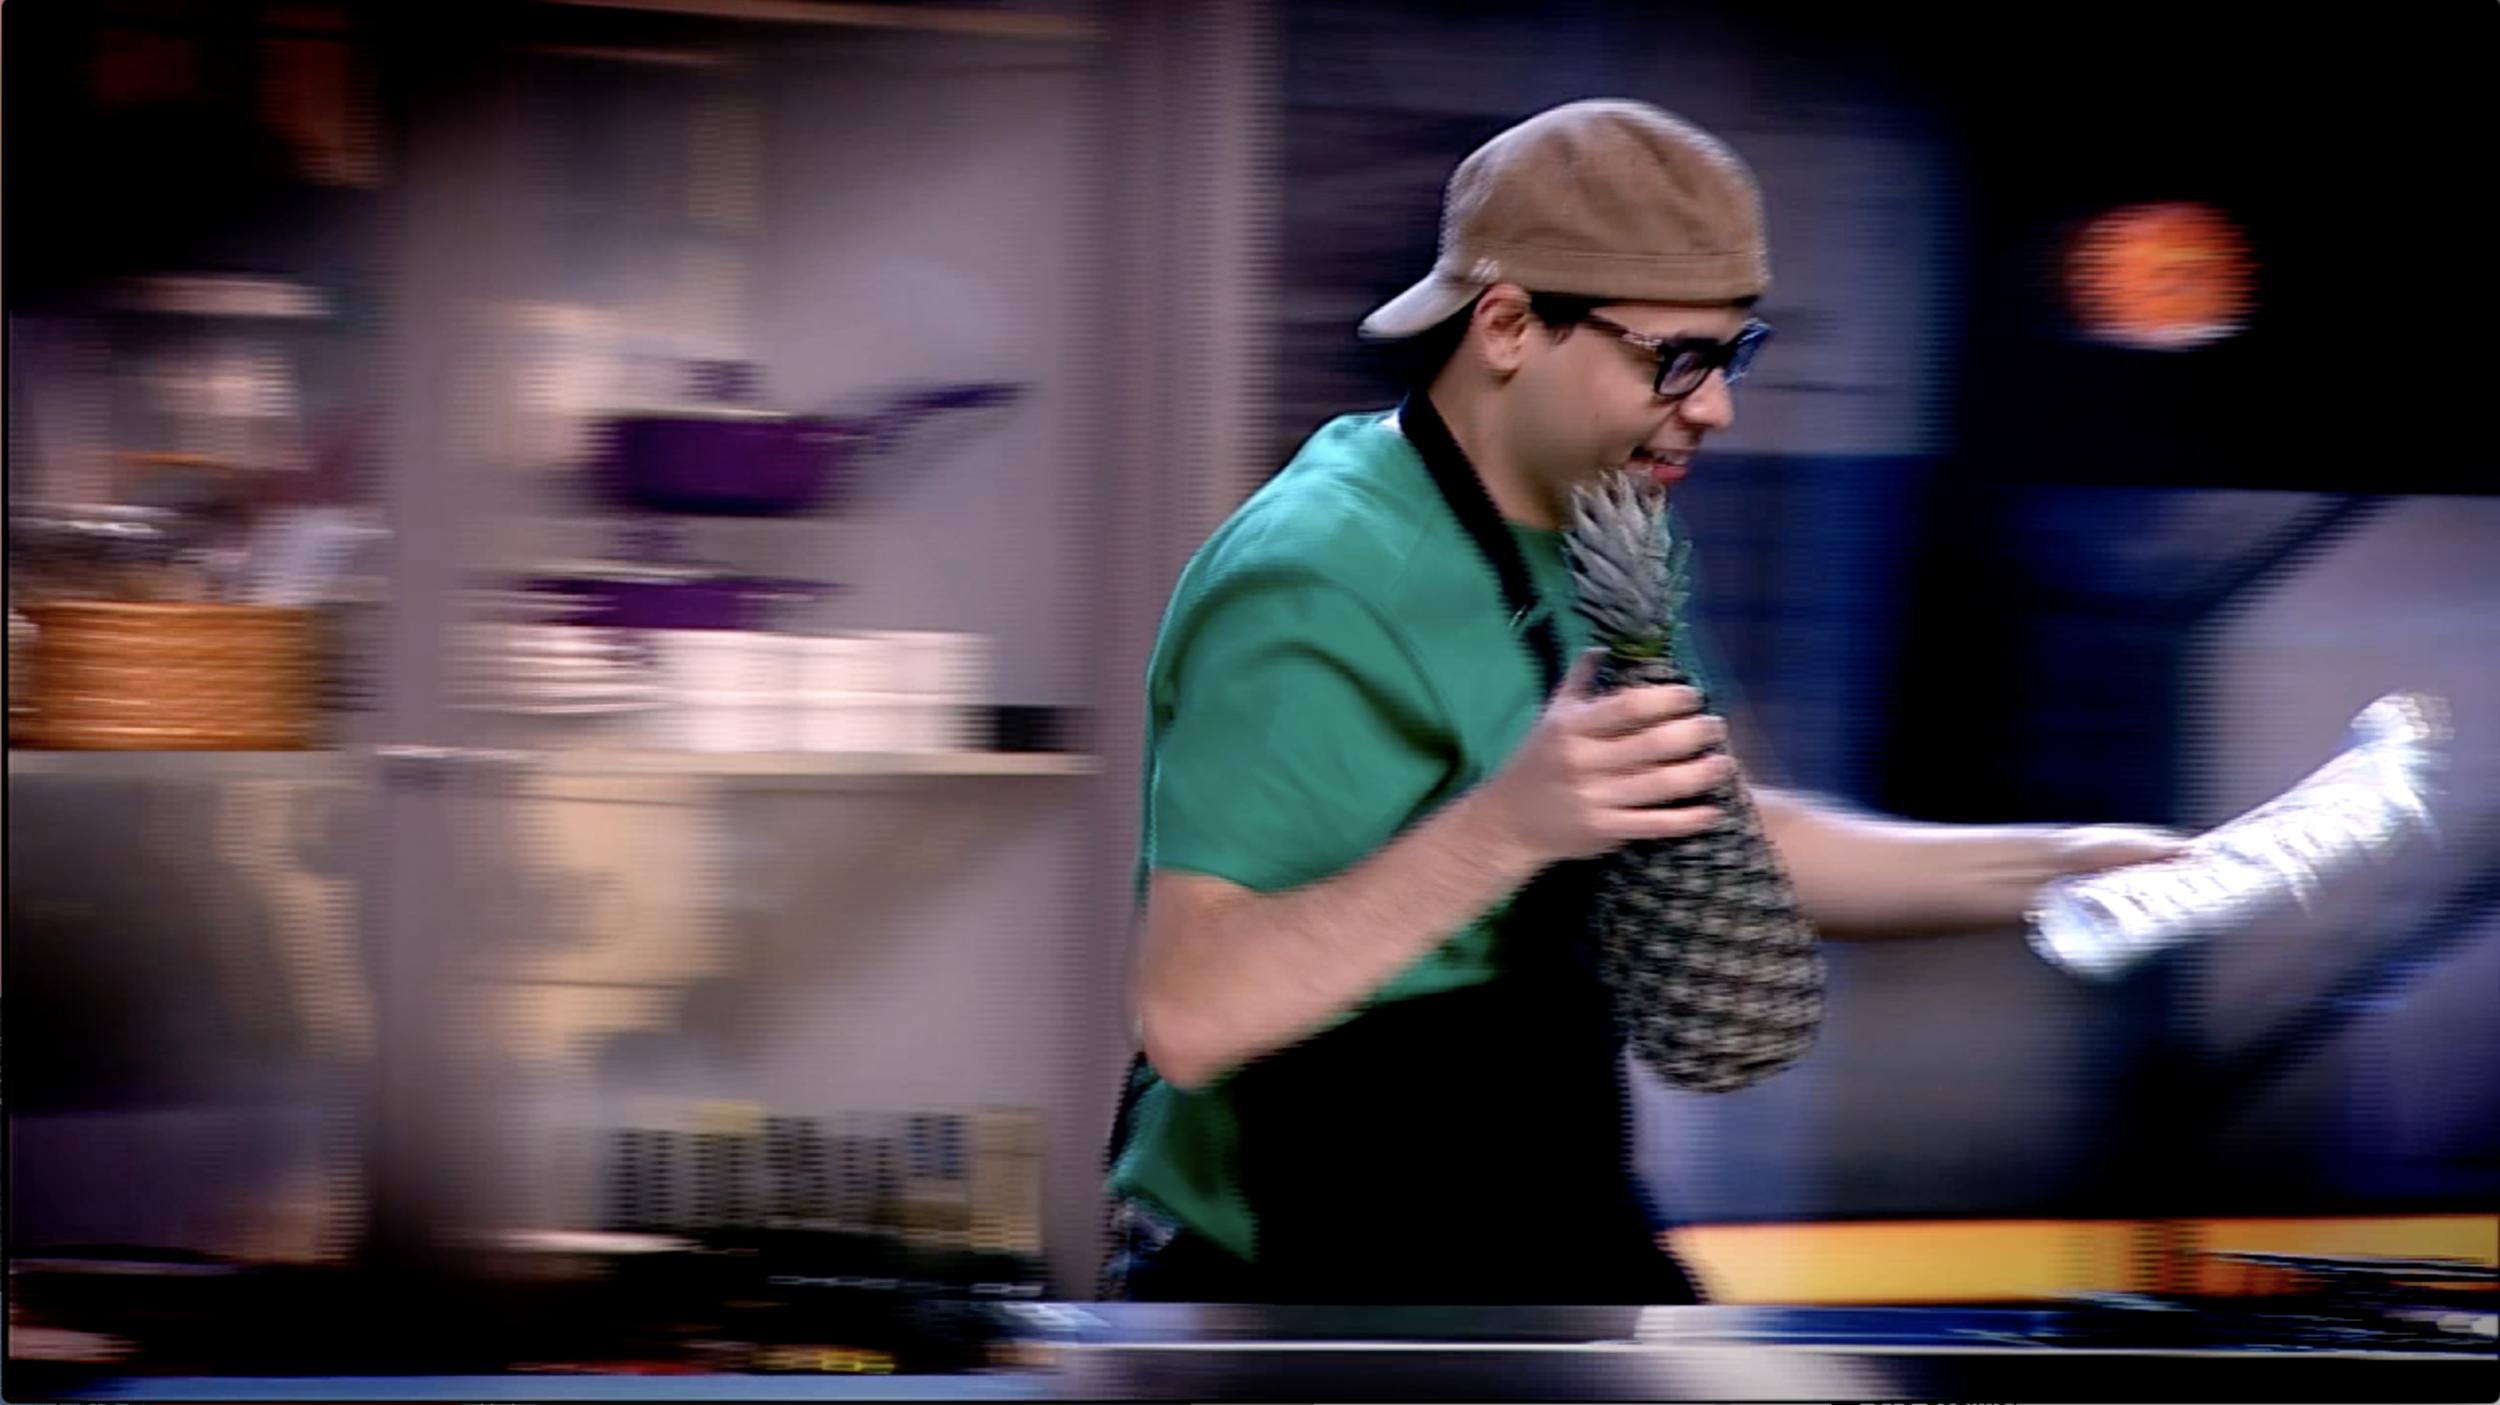 Batalha_dos_cozinheiros_4.png